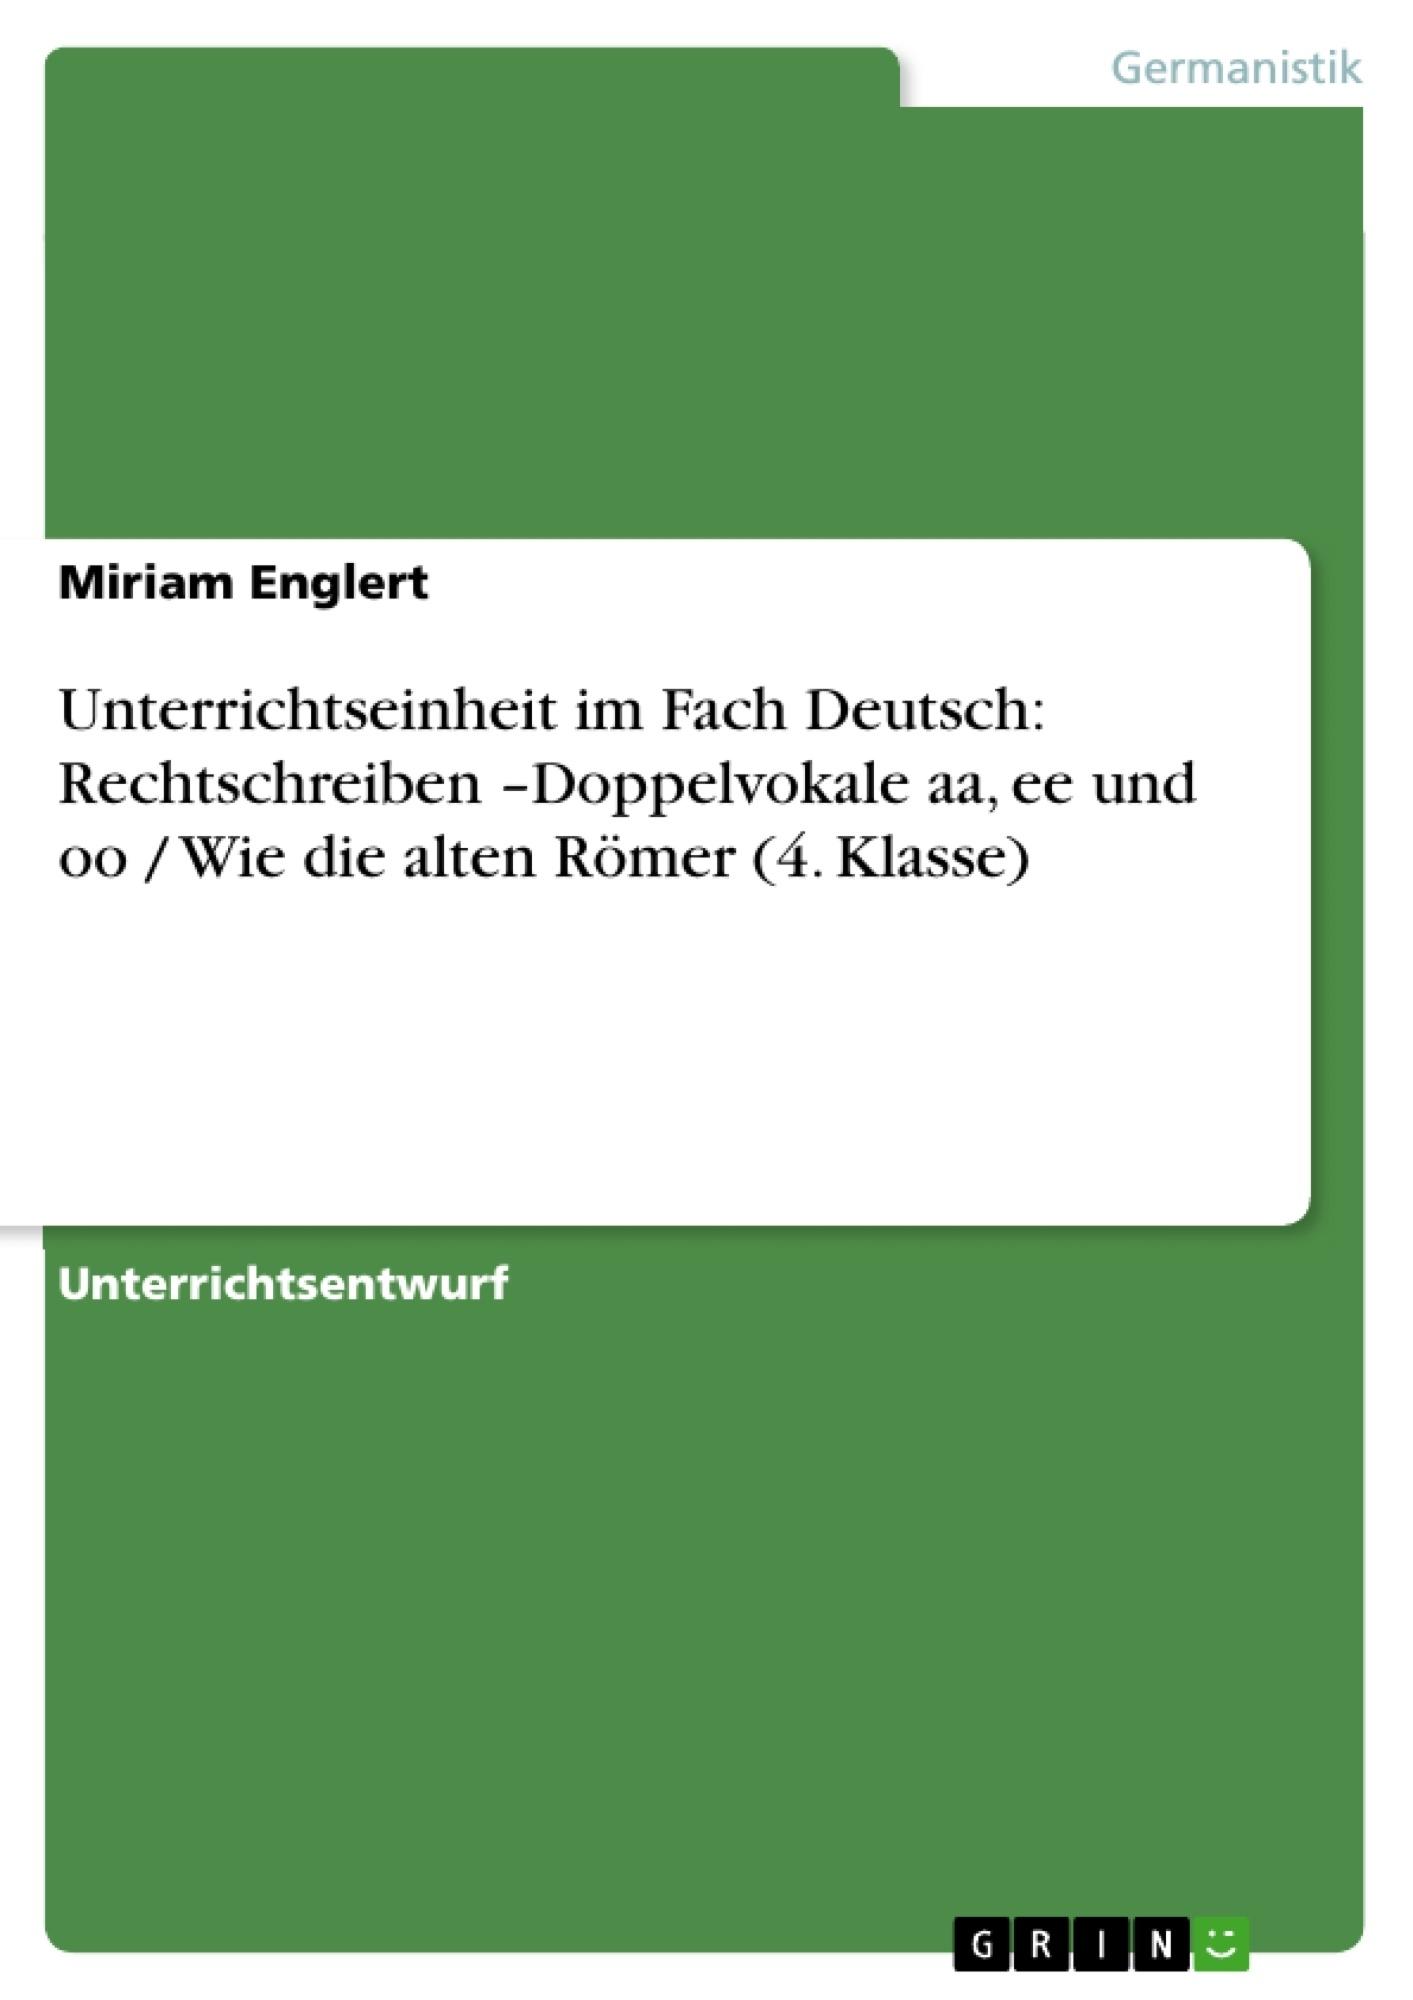 Titel: Unterrichtseinheit im Fach Deutsch: Rechtschreiben –Doppelvokale aa, ee und oo / Wie die alten Römer (4. Klasse)